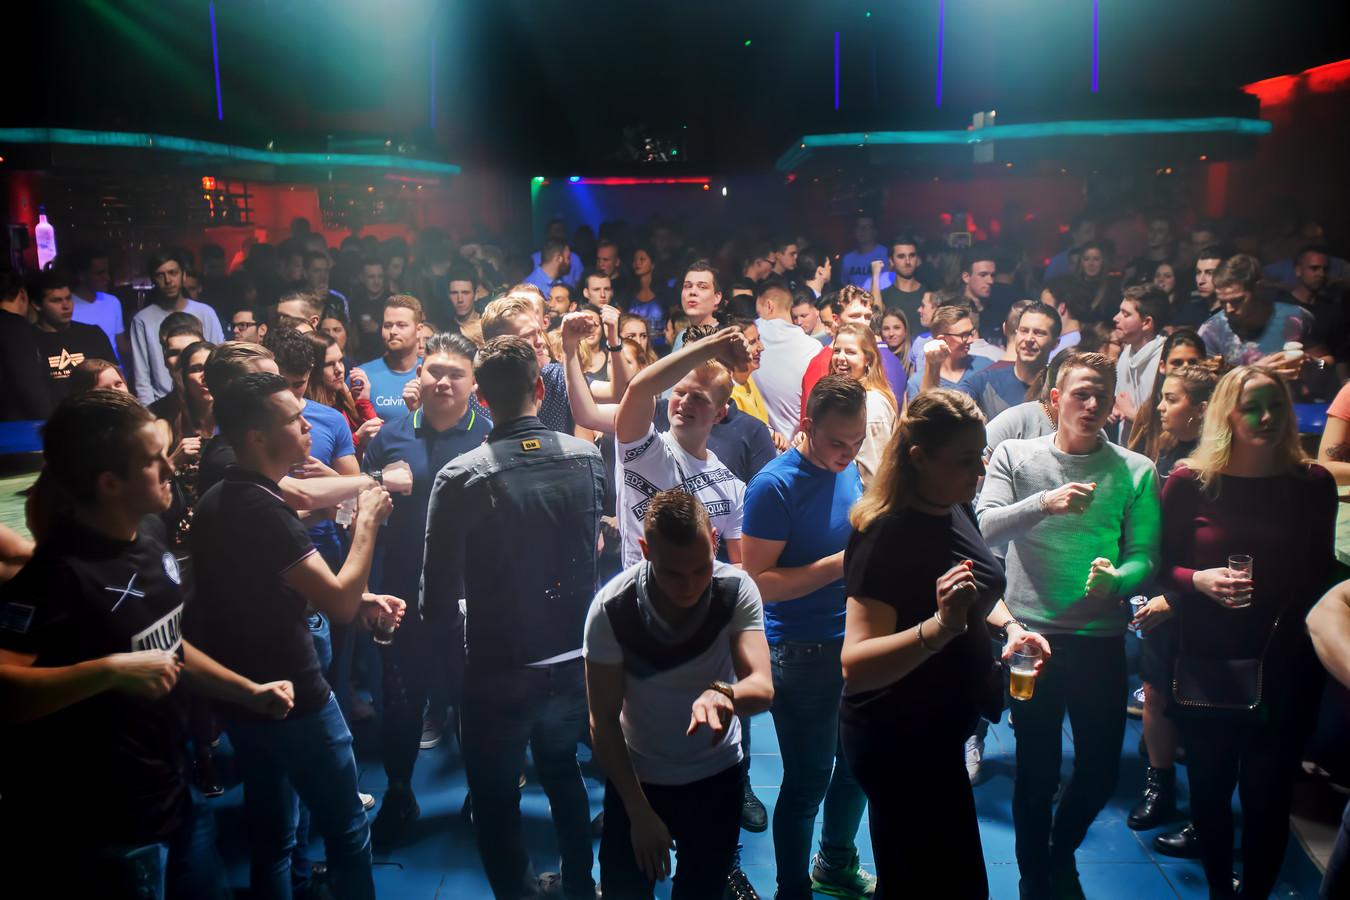 Discotheek Oscars in Raamsdonksveer bestaat binnenkort tien jaar. Op vrijdagavond was er een hardstyle-avond. Foto Pix4Profs / Johan Wouters